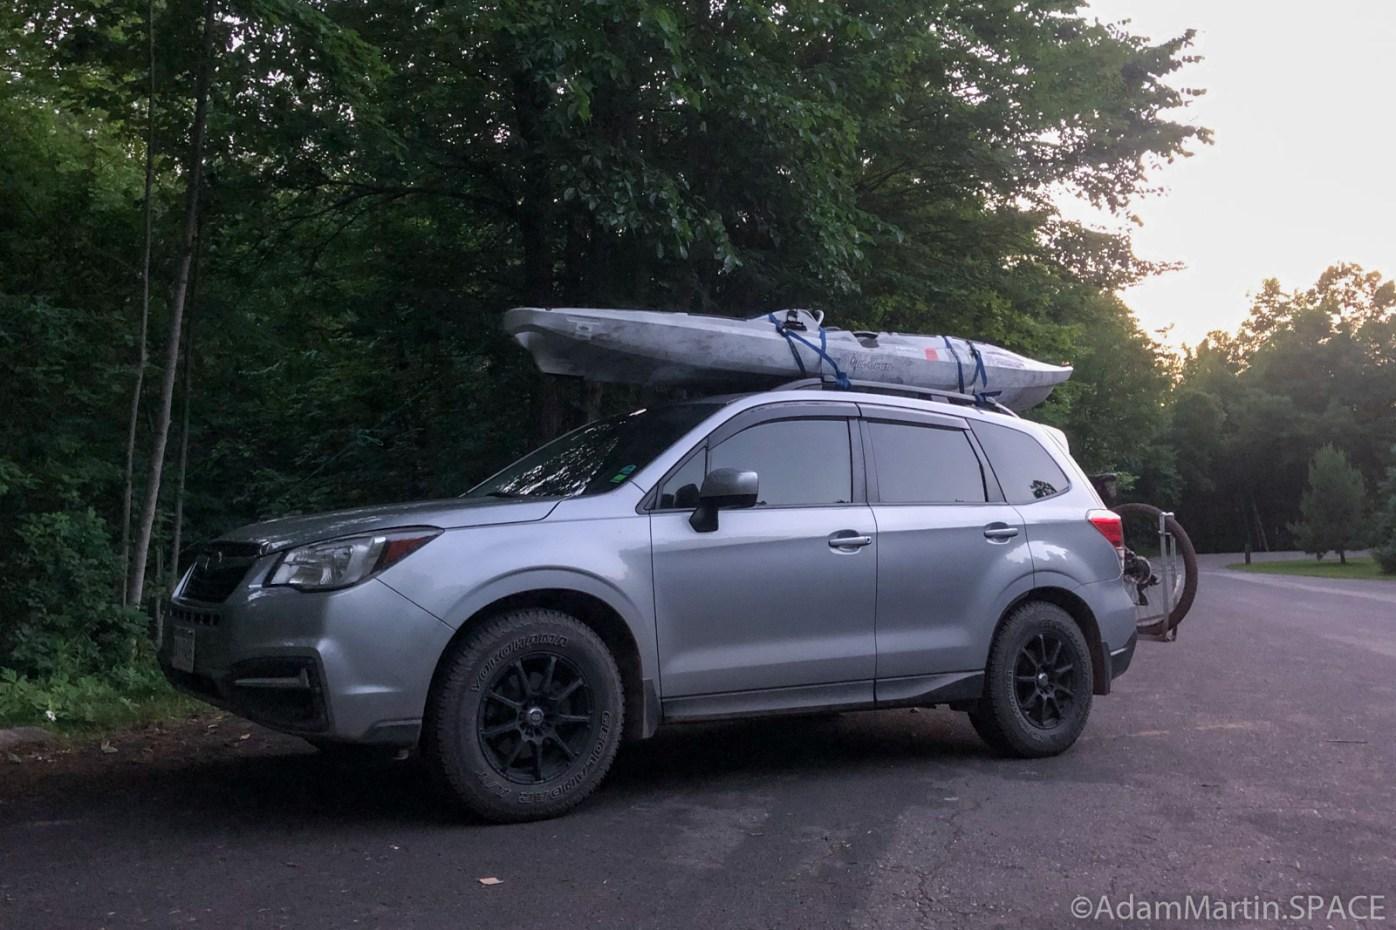 Copper Falls State Park - Subaru battle wagon